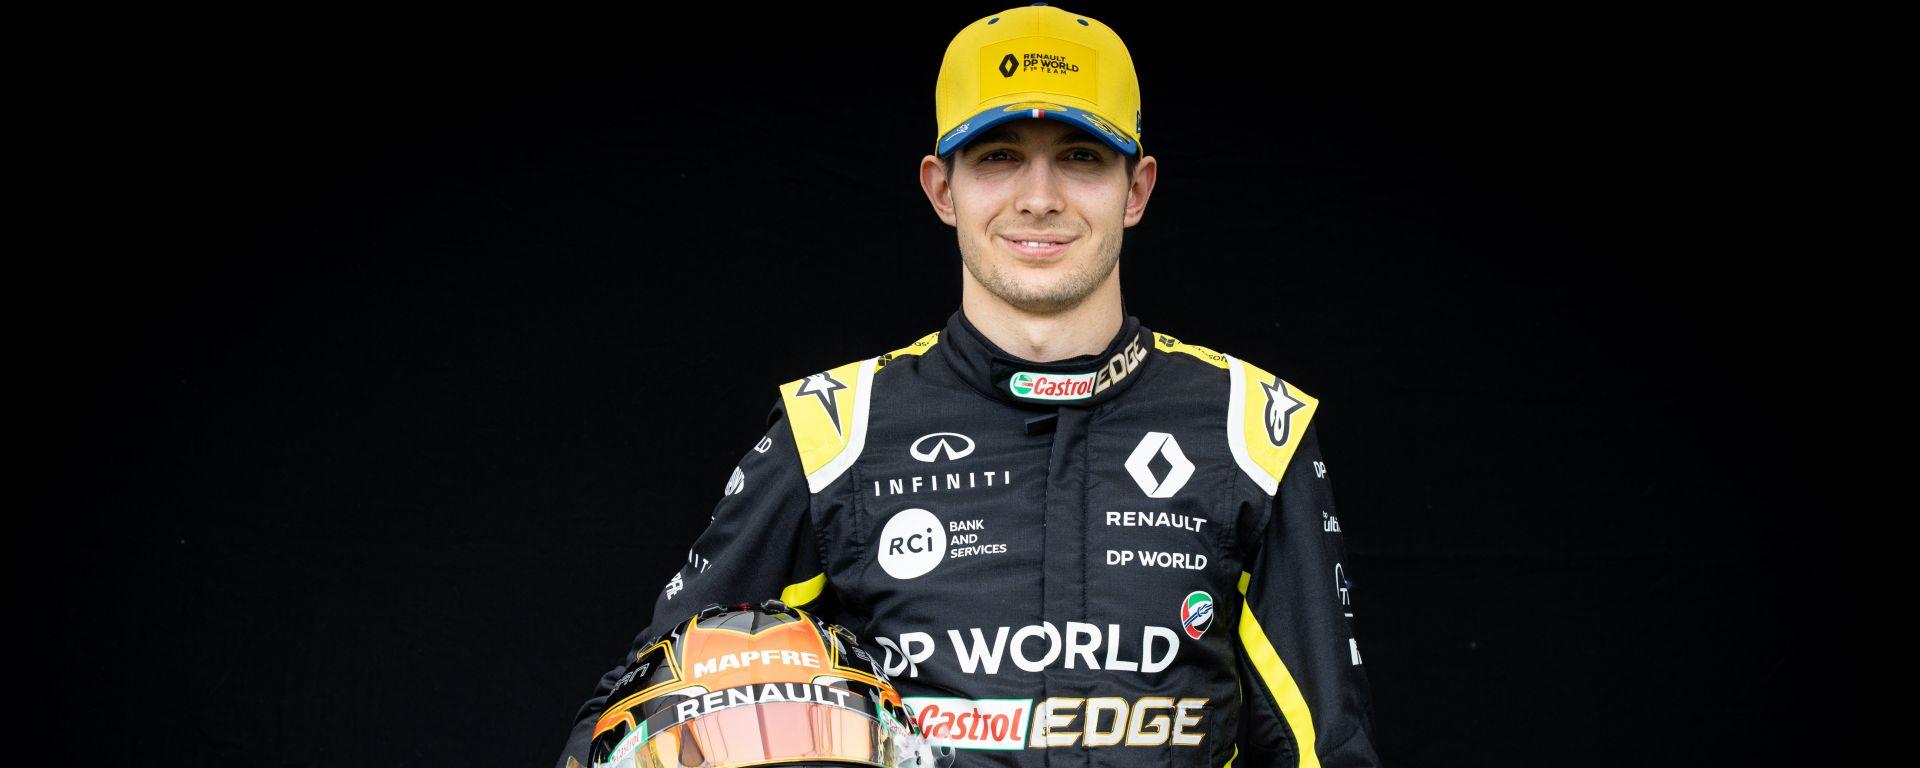 F1 GP Australia 2020, Melbourne: Esteban Ocon (Renault)